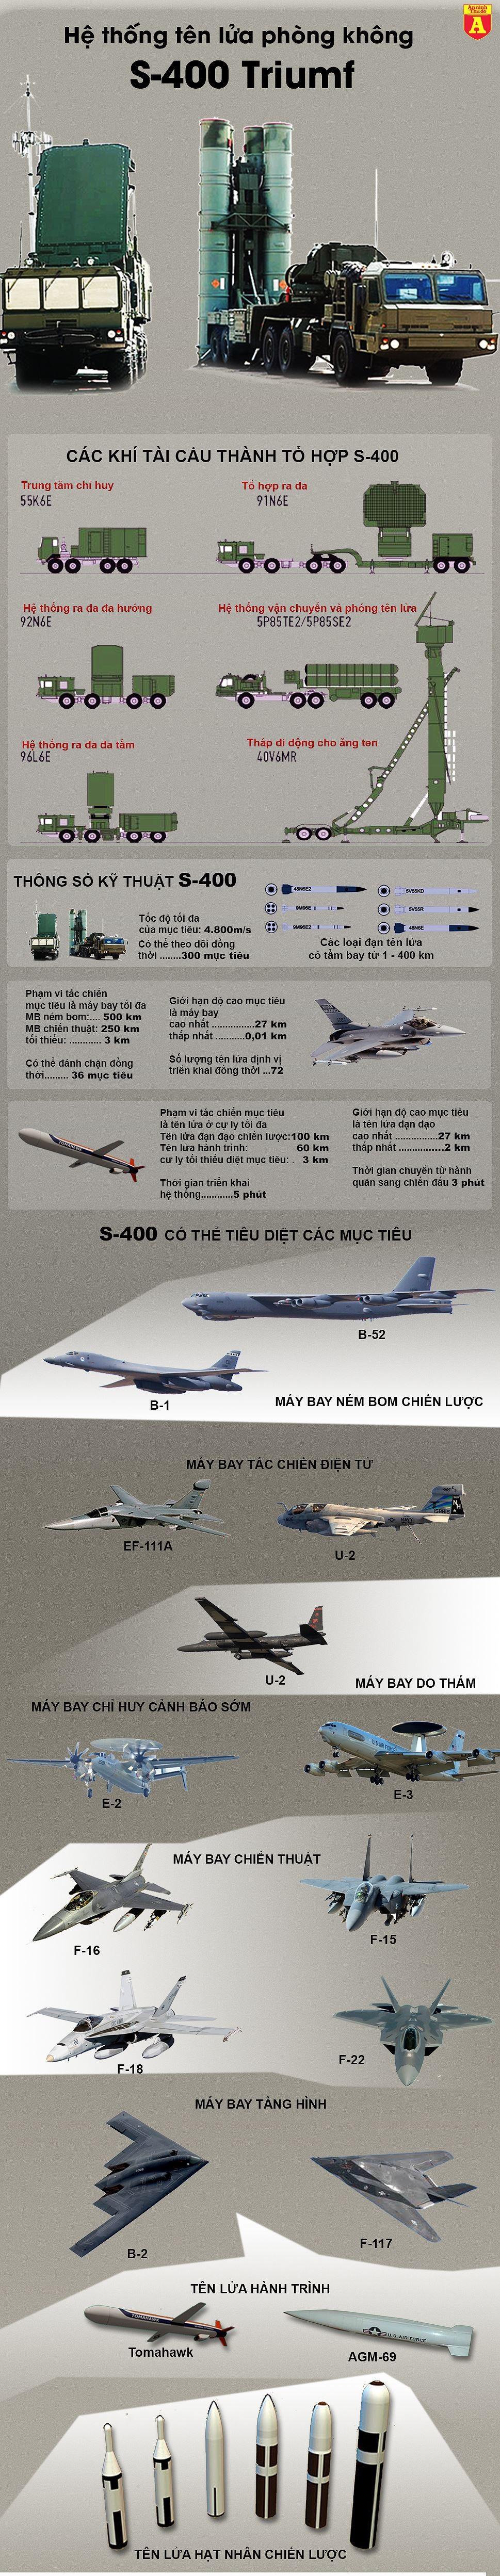 [Infographic] Nga đưa S-400 trấn giữ vùng Viễn Đông đề phòng bán đảo Triều Tiên diễn tiến xấu ảnh 2